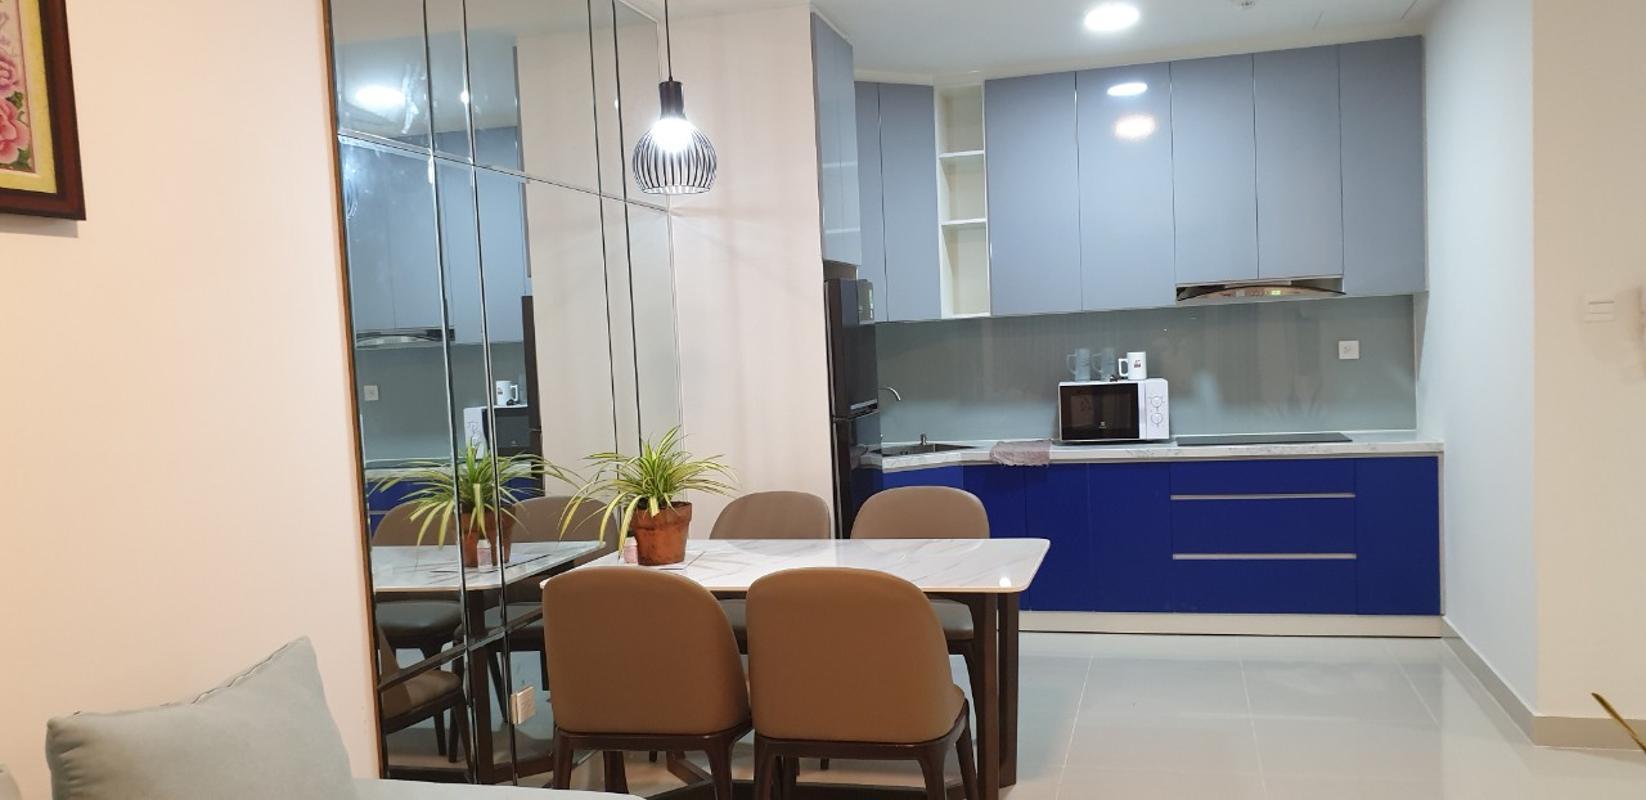 9e3857c6f050170e4e41 Cho thuê căn hộ The Sun Avenue 2PN, tầng thấp, block 2, đầy đủ nội thất, hướng Tây Nam